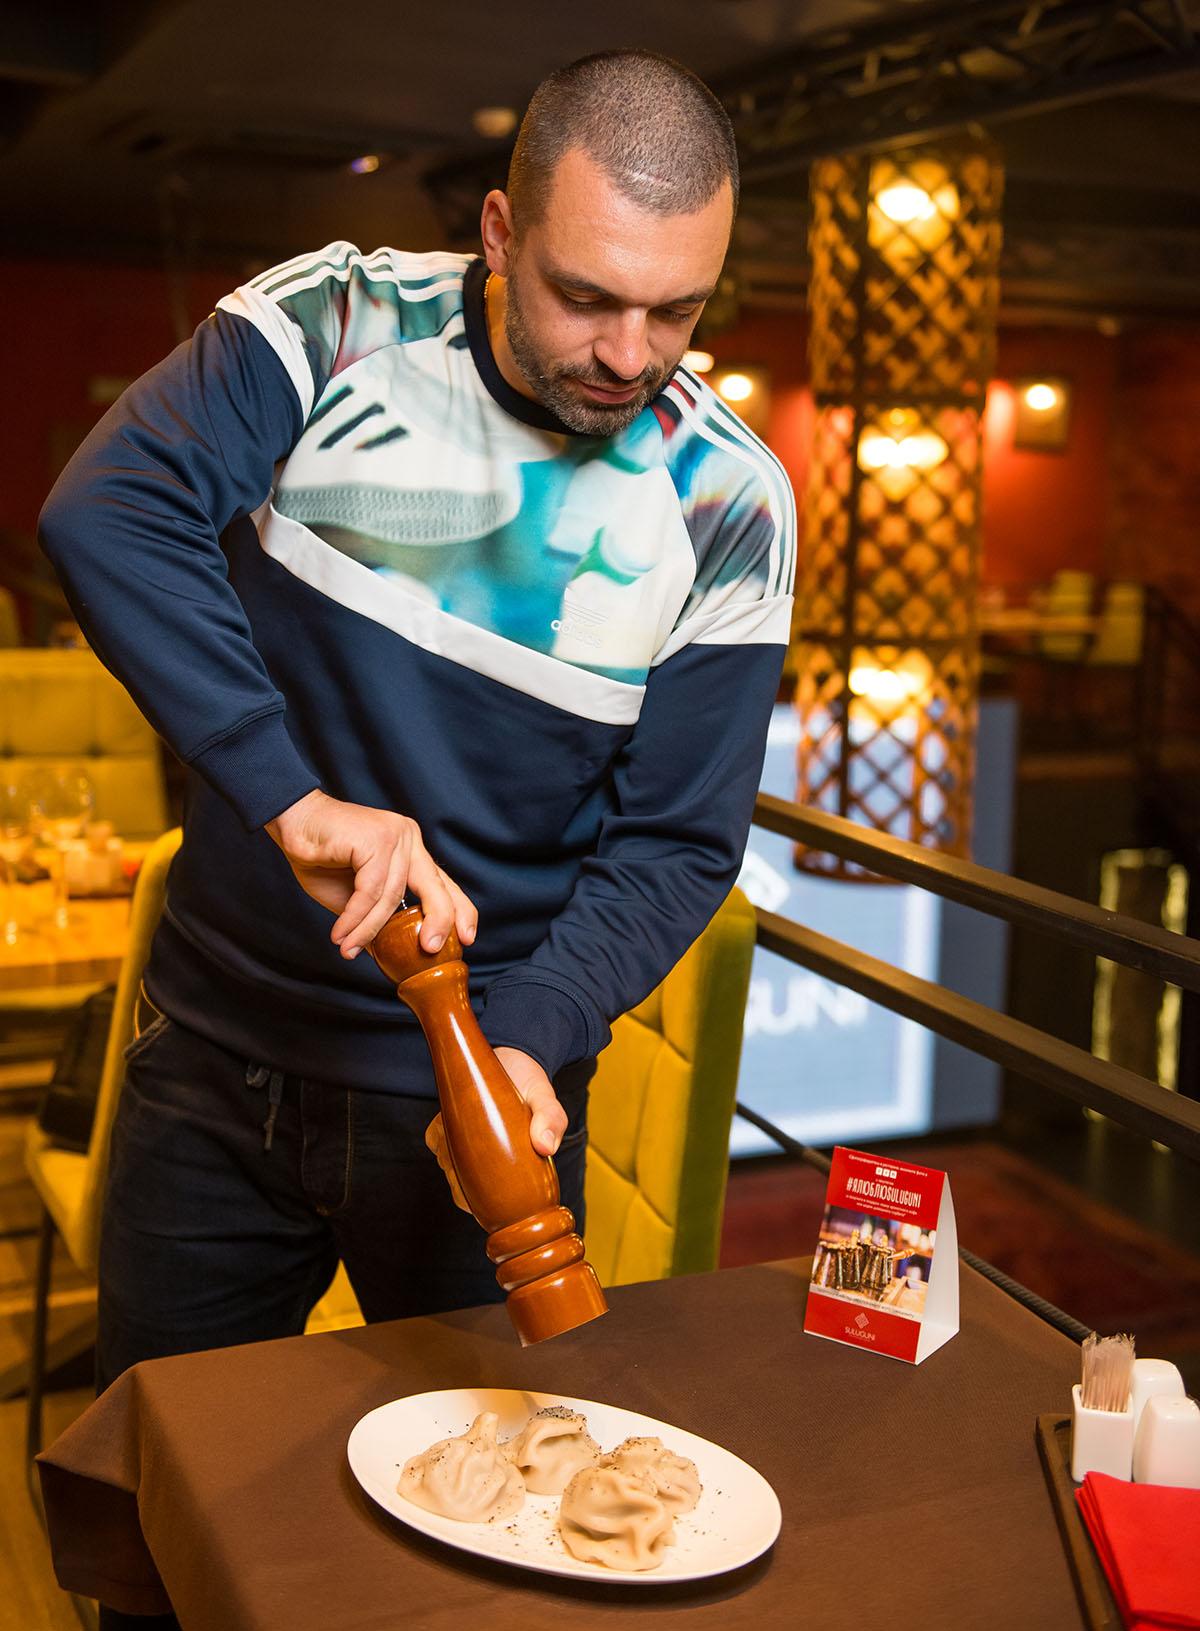 По традиции, хинкали посыпают перцем при госте. Либо это делает сам проворный гость.